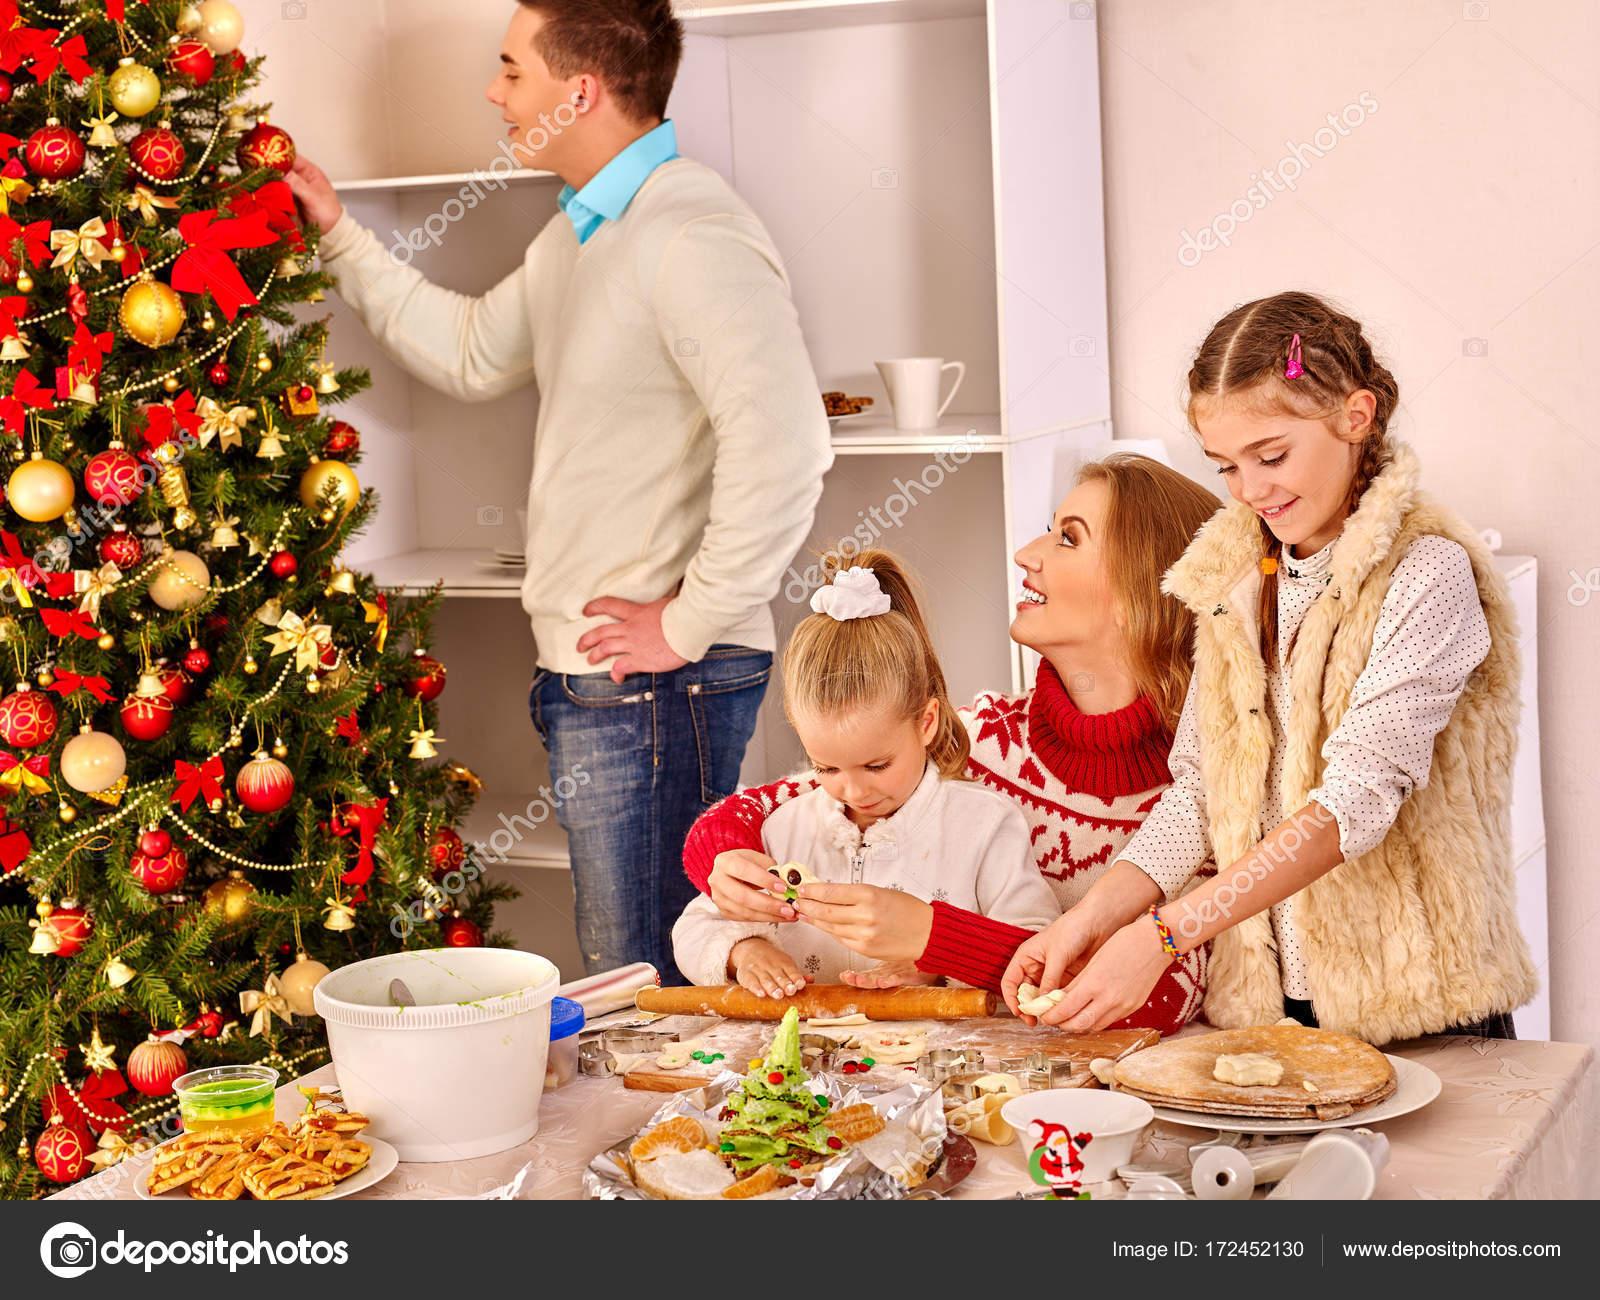 Weihnachten Abendessen mit der Familie Kinder Rollen Teig in Xmas ...